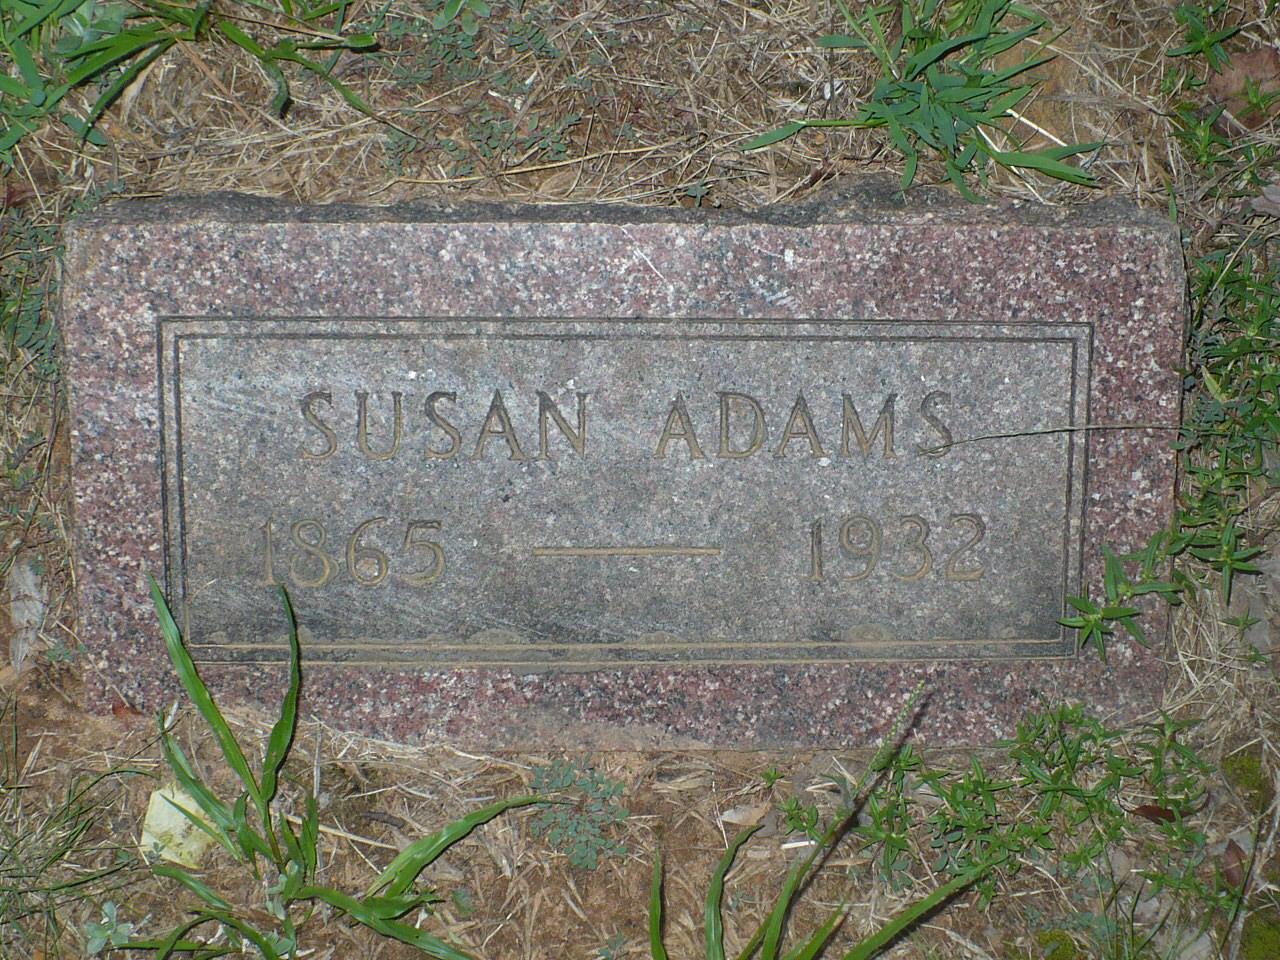 Susan Kemp